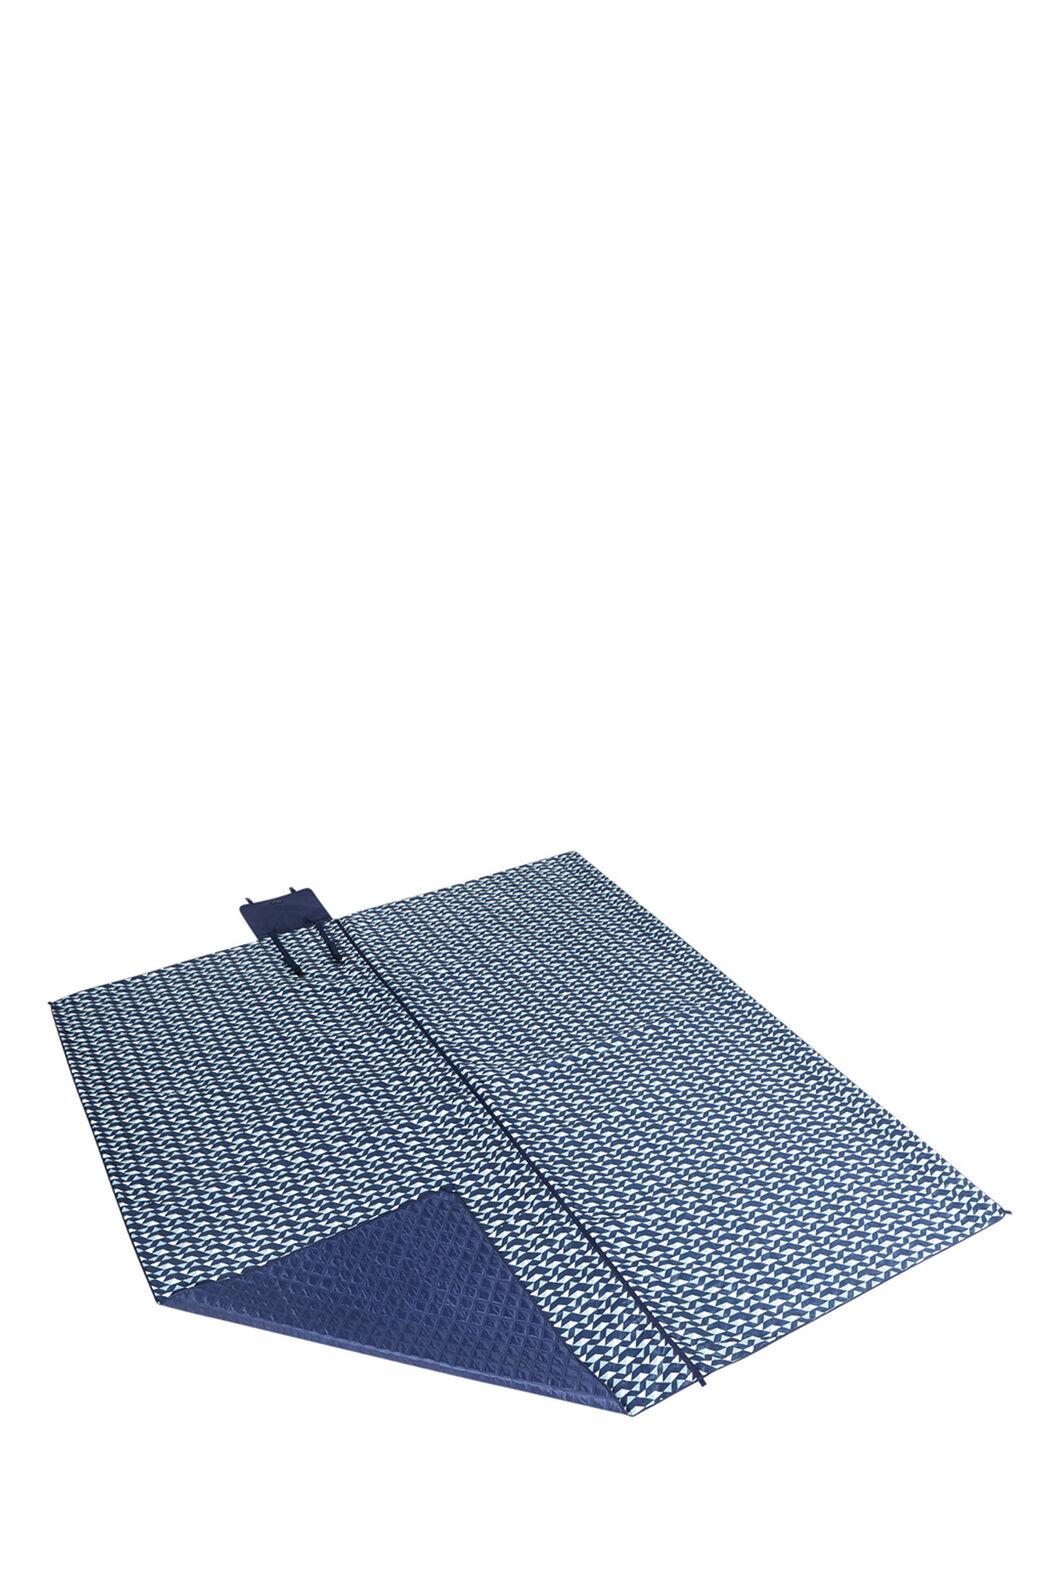 Wanderer Picnic Blanket, Blue, hi-res